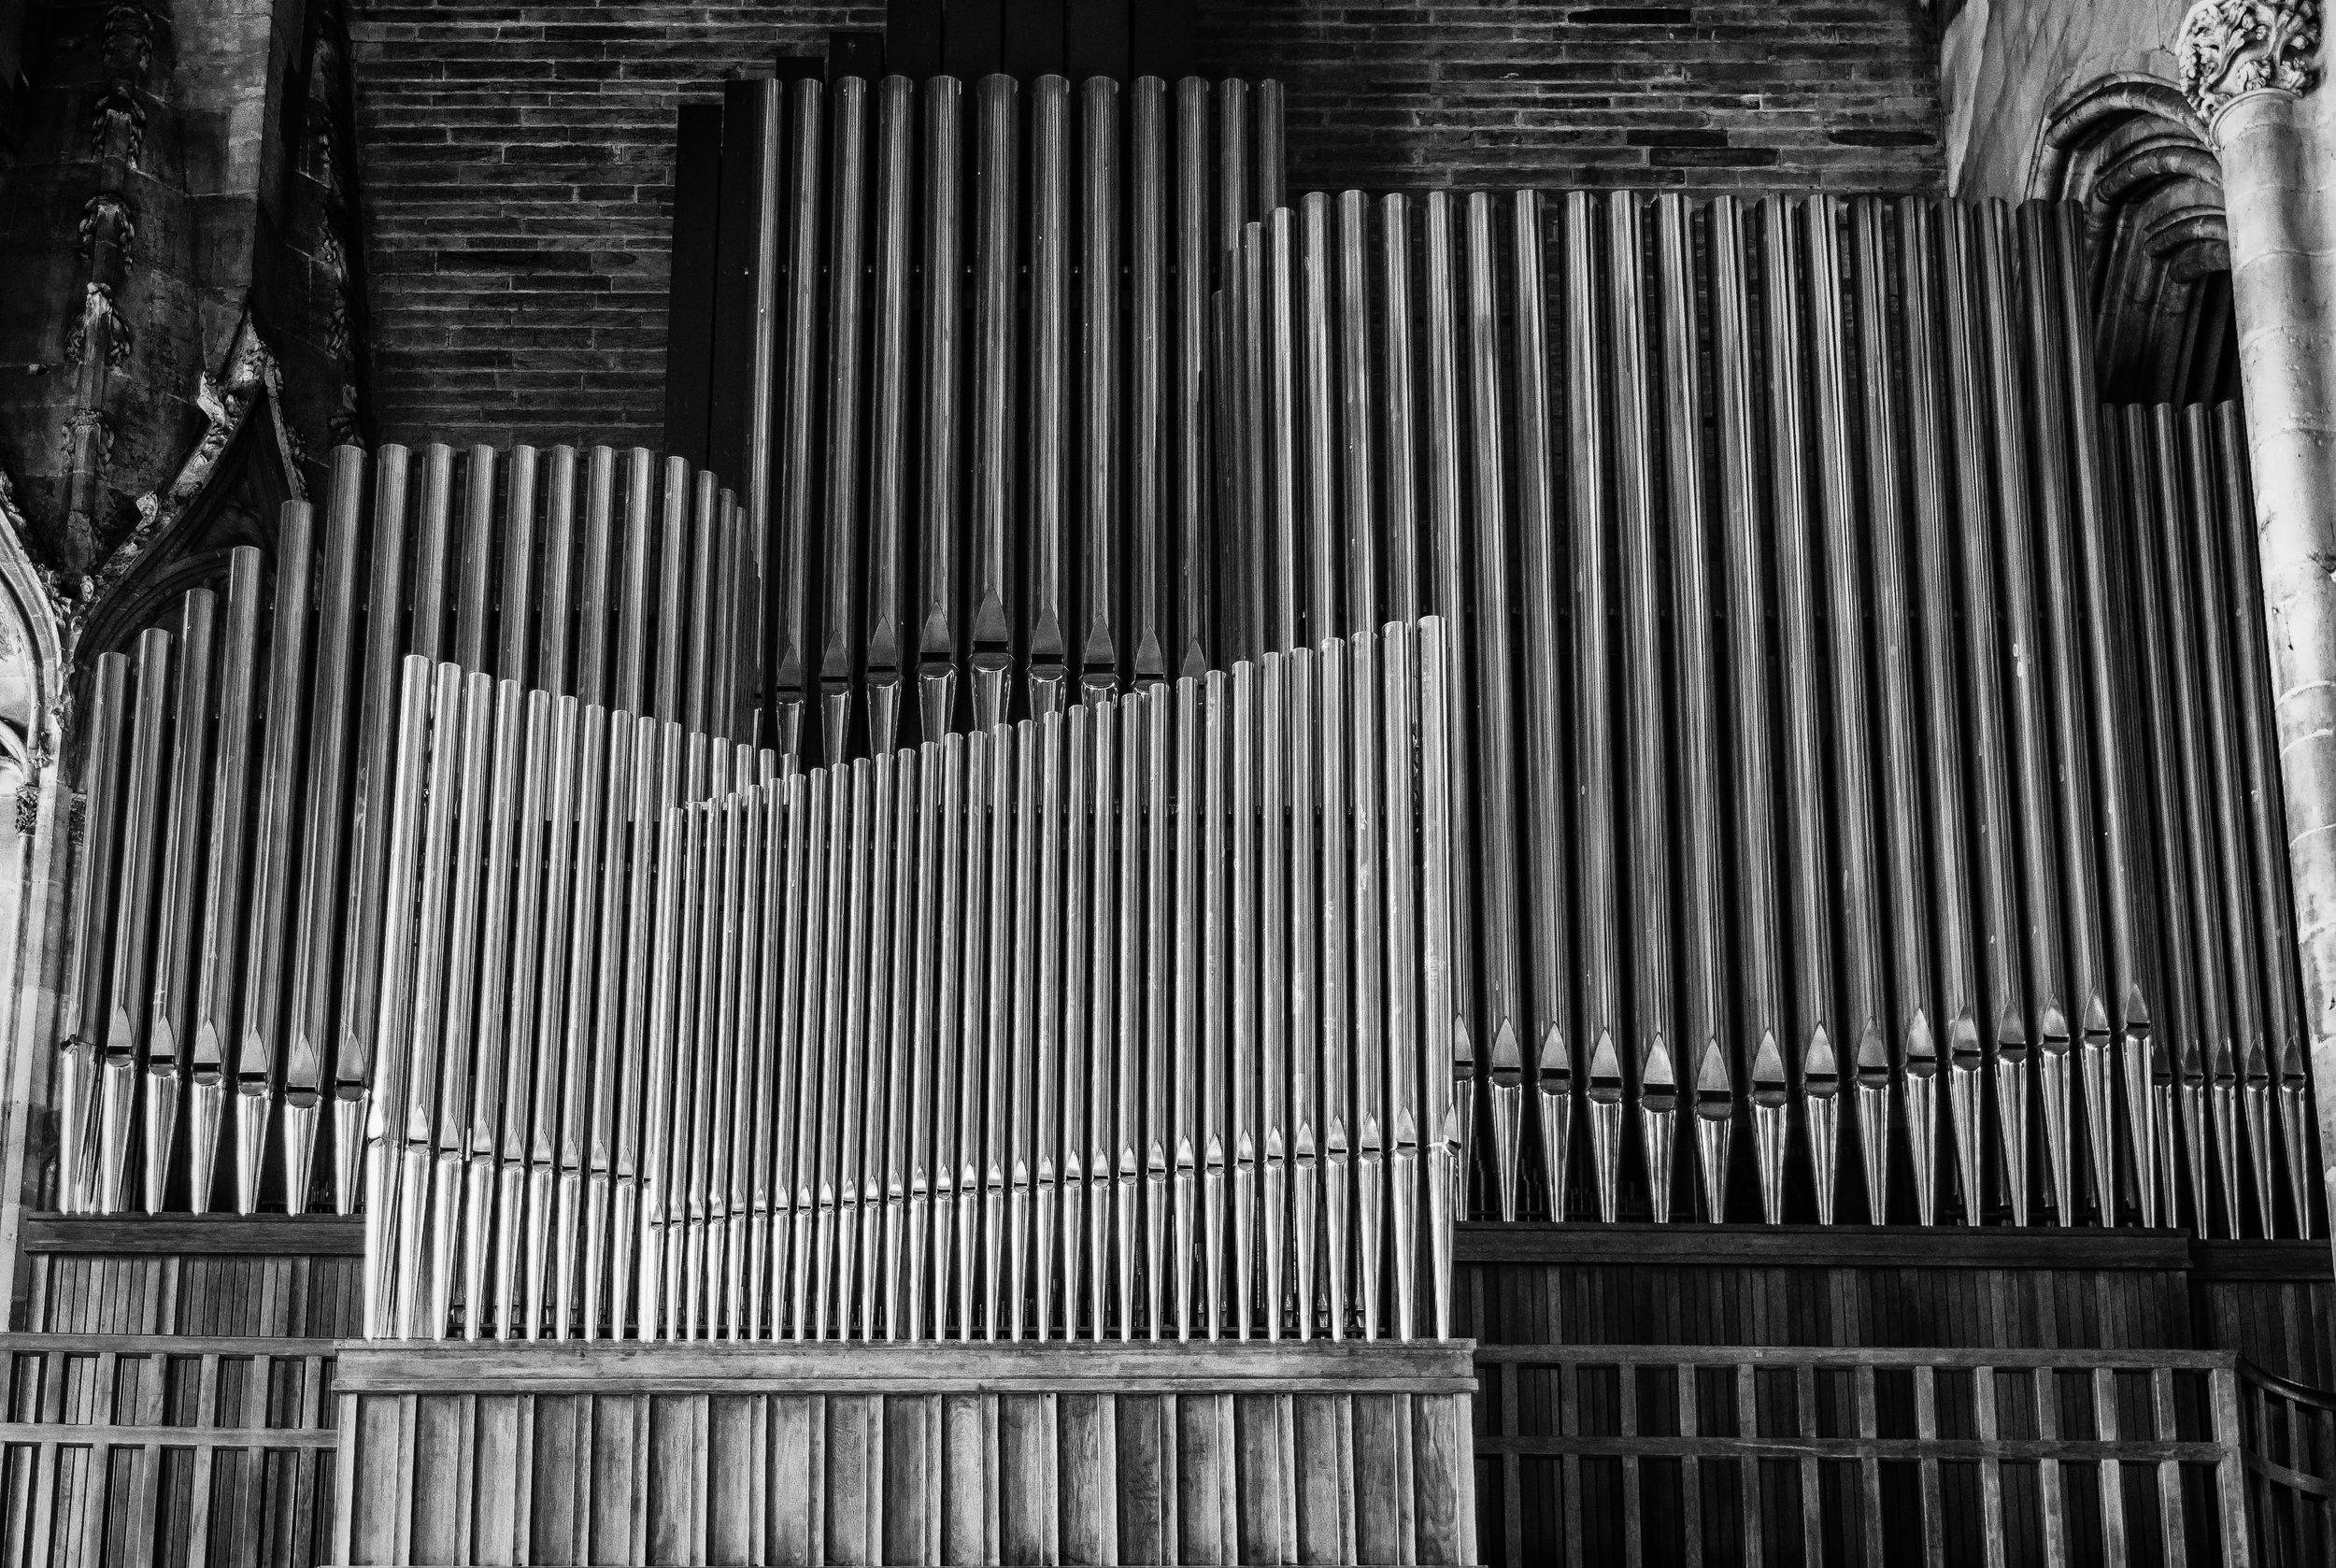 Pipe Organ Church